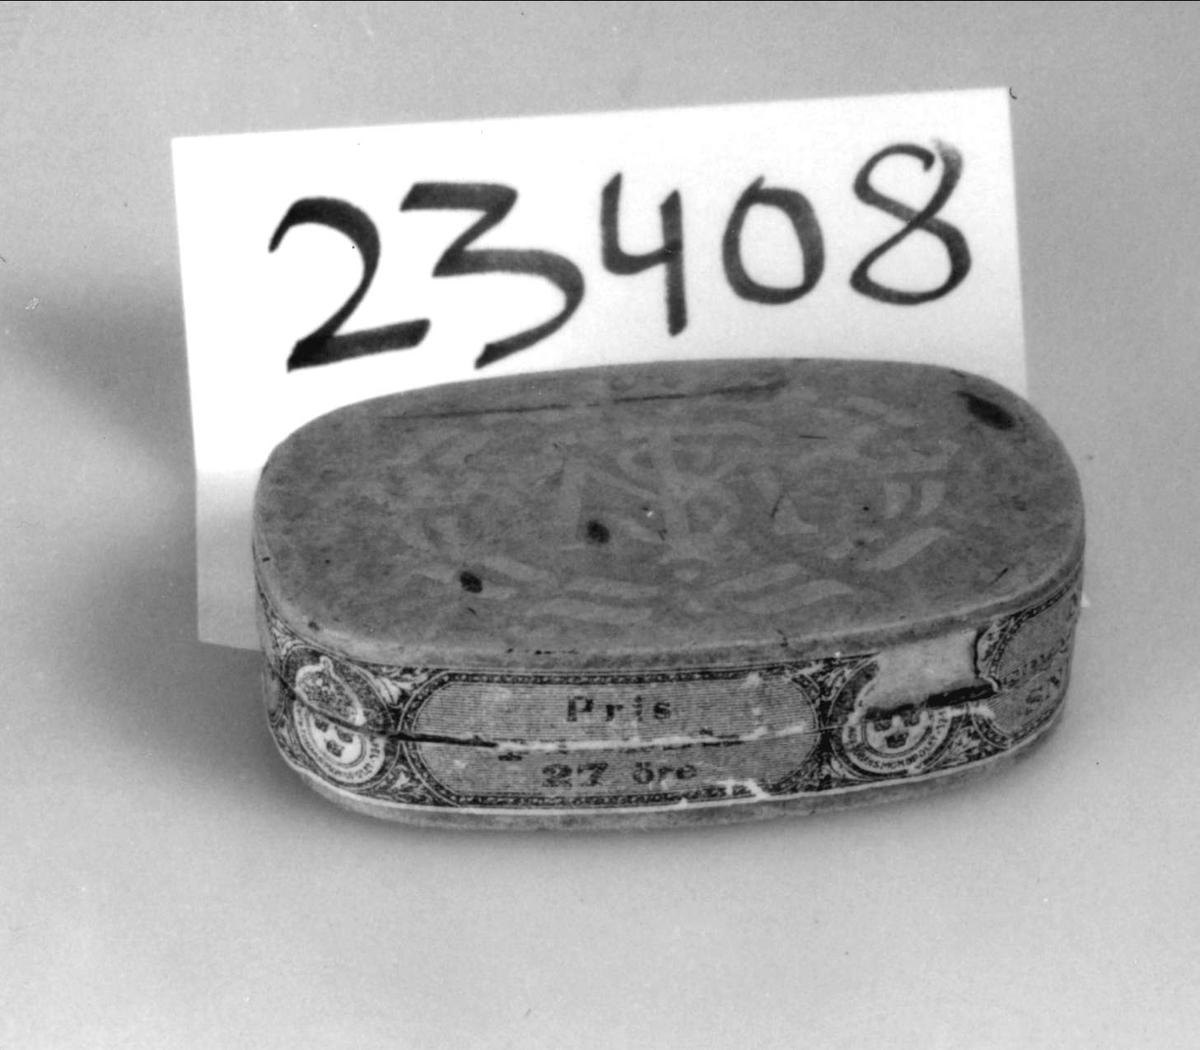 Snusförpackning av papp med pressat mönster samt initialer på ovansidan: Bokstäverna T och S skrivna på varandra i ett M (=Tobaksmonopolet). På sidorna papper med tryckt  mönster och text i grönt och vitt: N:o  901 Stockholms snus, N:o 1, Pris 27 öre samt firmamärke.